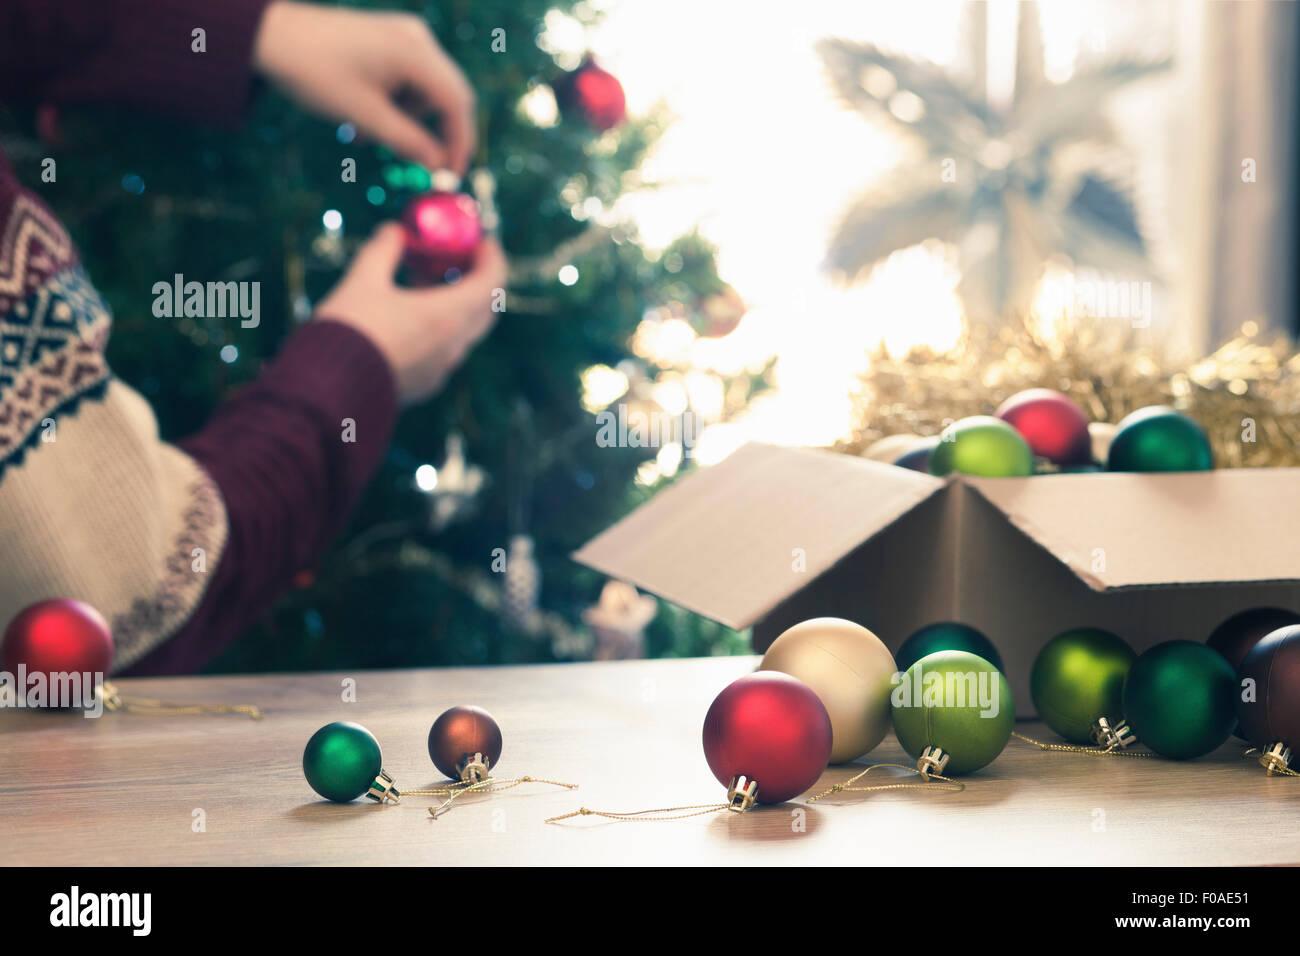 Dekorieren Weihnachtsbaum Person Stockbild